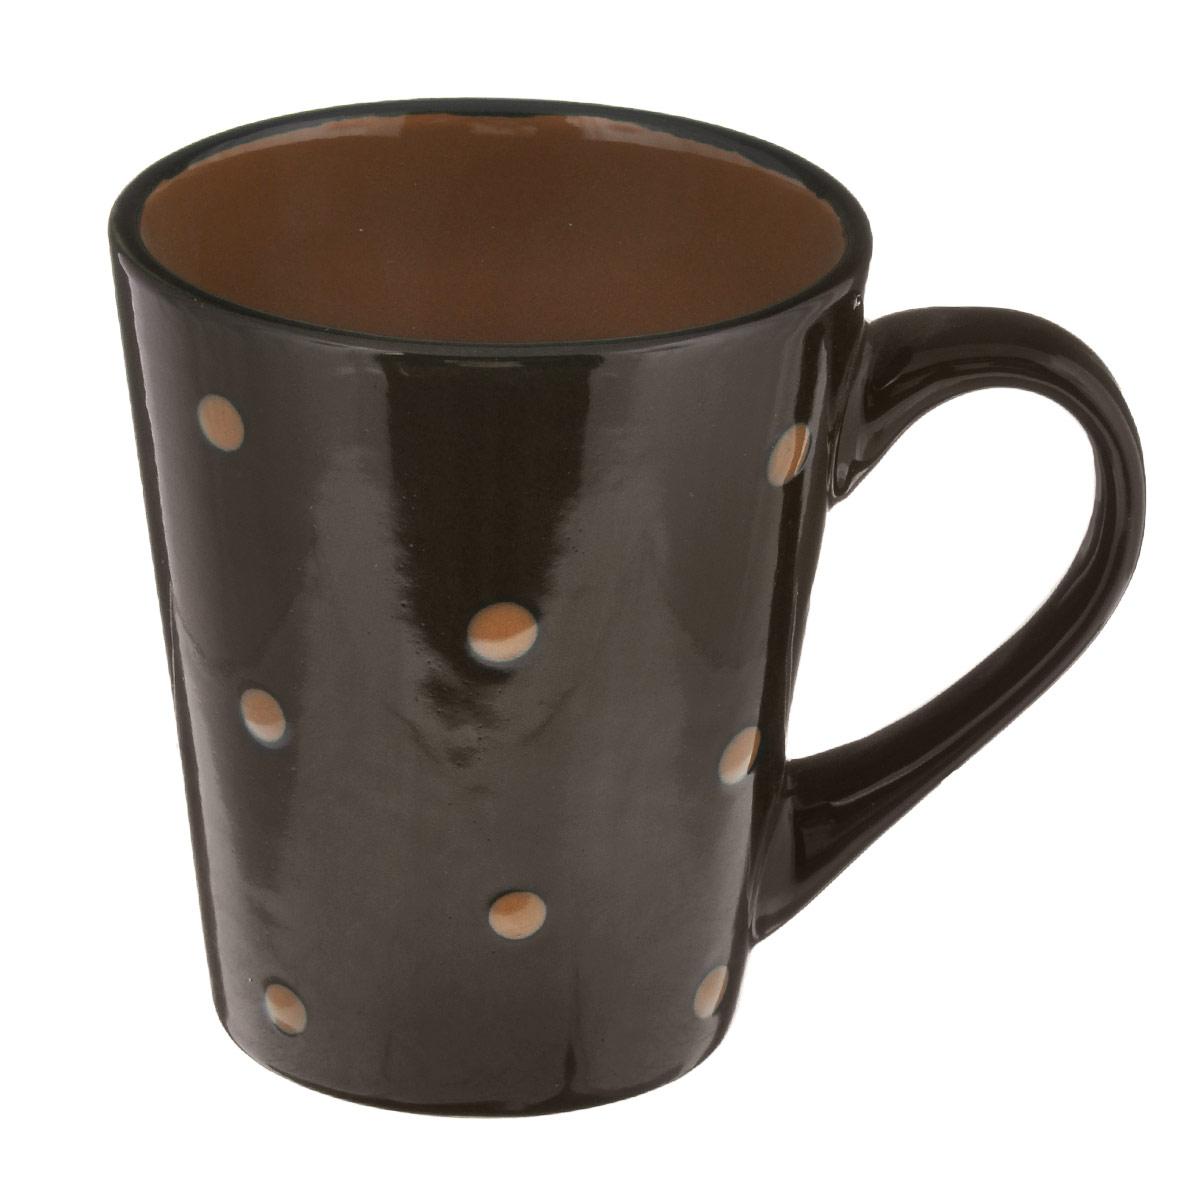 Кружка Горошек, цвет: темно-коричневый, 300 млHV95506BRКружка Горошек изготовлена из высококачественной керамики. Первоклассная глина, двухступенчатый обжиг, мягкие краски и простой контрастный рисунок в горошек на глянцевой поверхности - отличительные особенности данного изделия. Такая кружка прекрасно подойдет для горячих напитков. Она дополнит коллекцию вашей кухонной посуды и будет служить долгие годы. Можно использовать в посудомоечной машине и СВЧ. Поверхность не царапается при щадящем мытье, без использования абразивов и химически агрессивных моющих средств. Объем: 300 мл. Диаметр кружки (по верхнему краю): 8 см. Высота стенки кружки: 10,5 см.